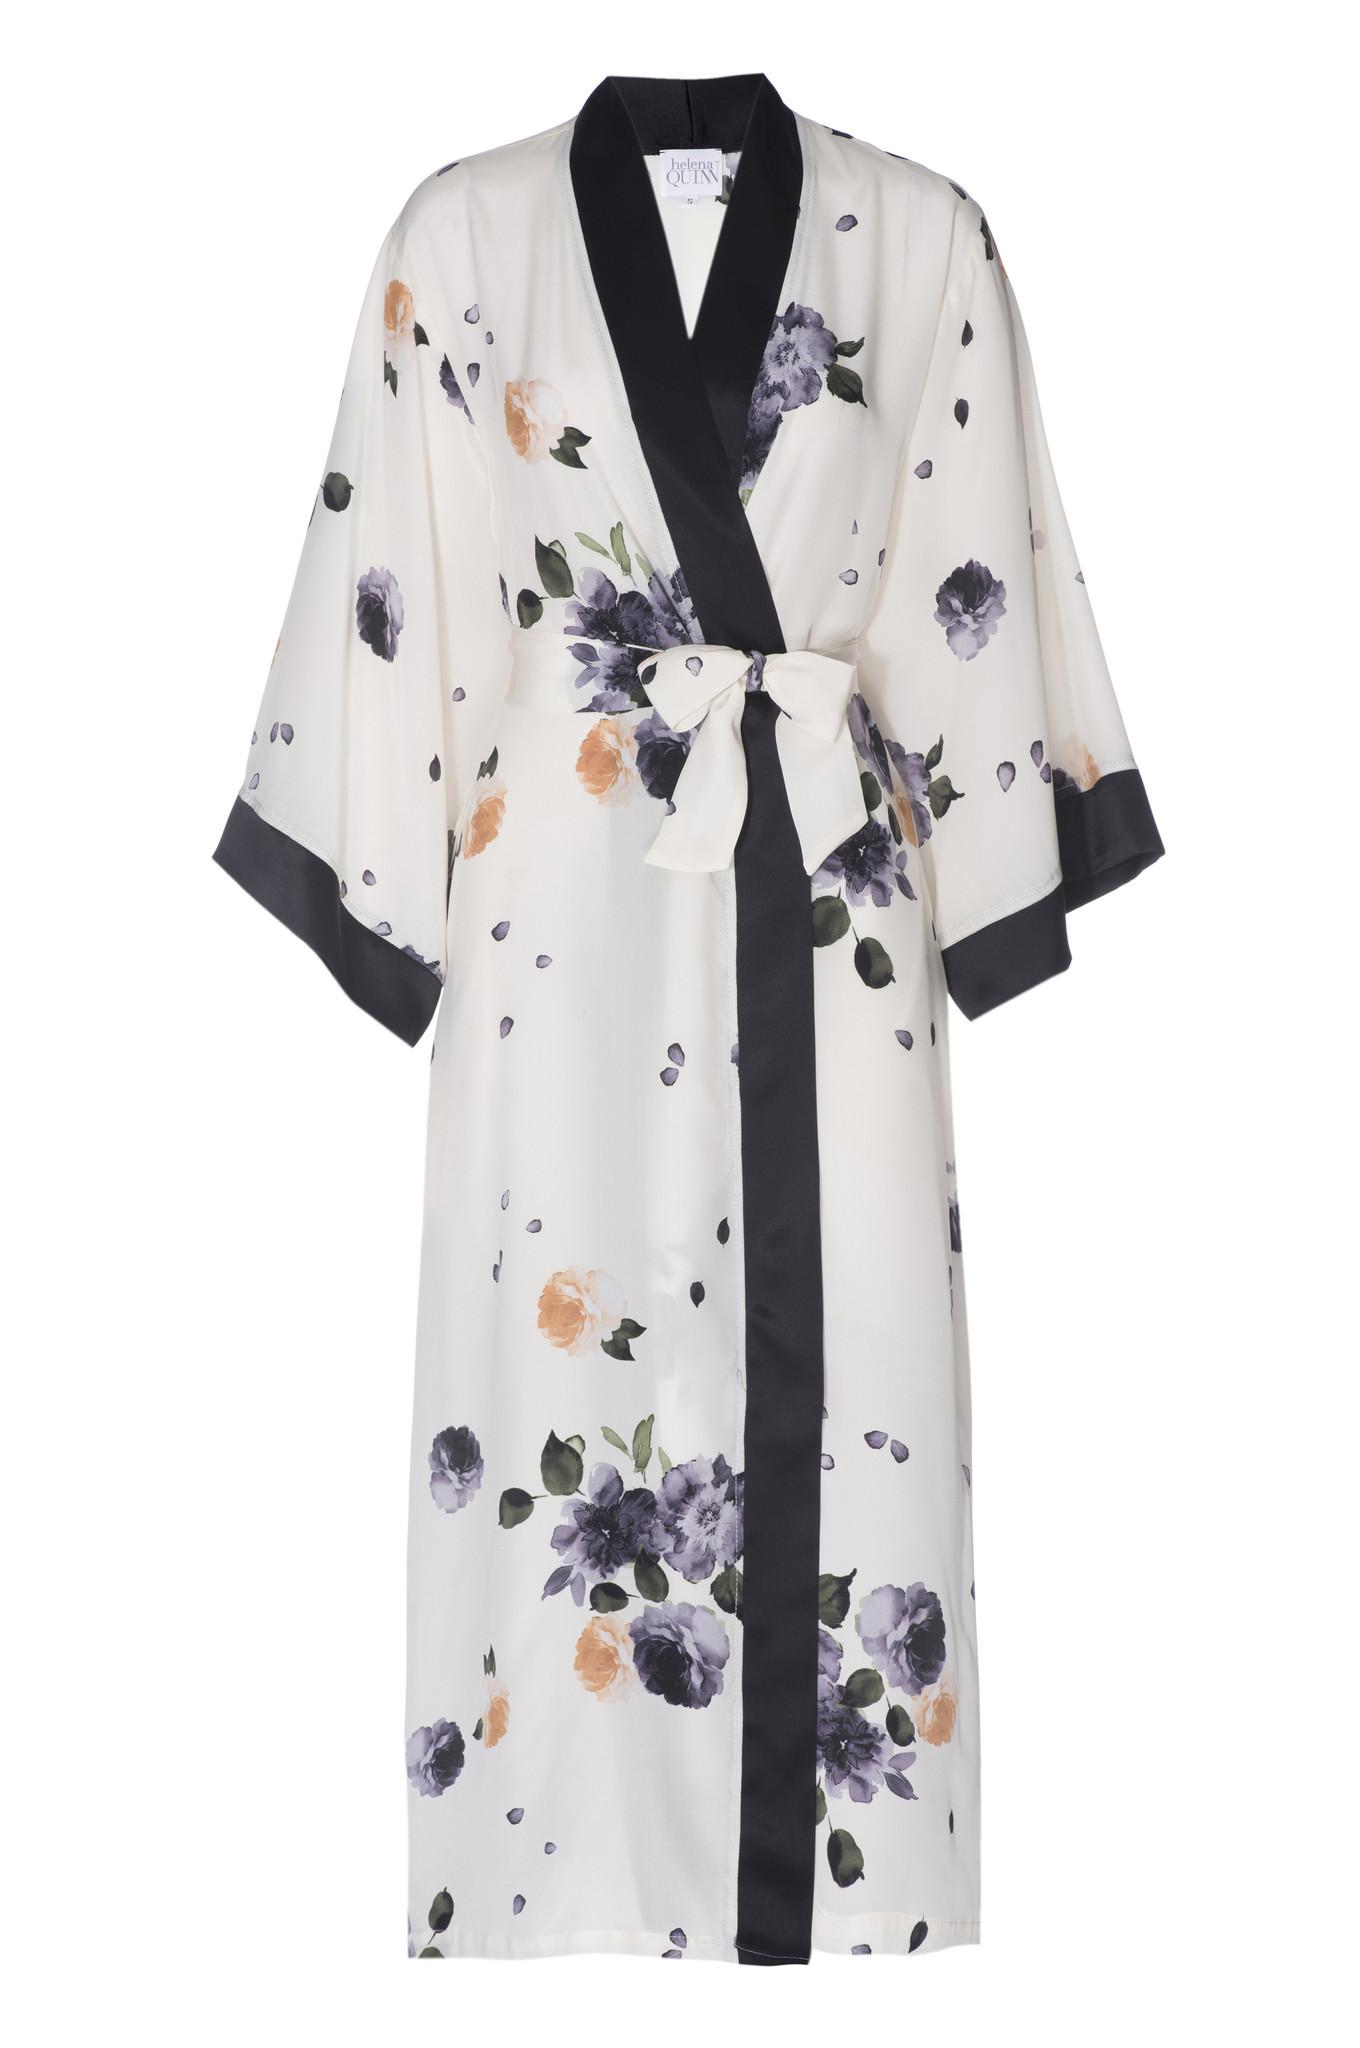 Helena Quinn's full-length Garden floral-print silk robe.